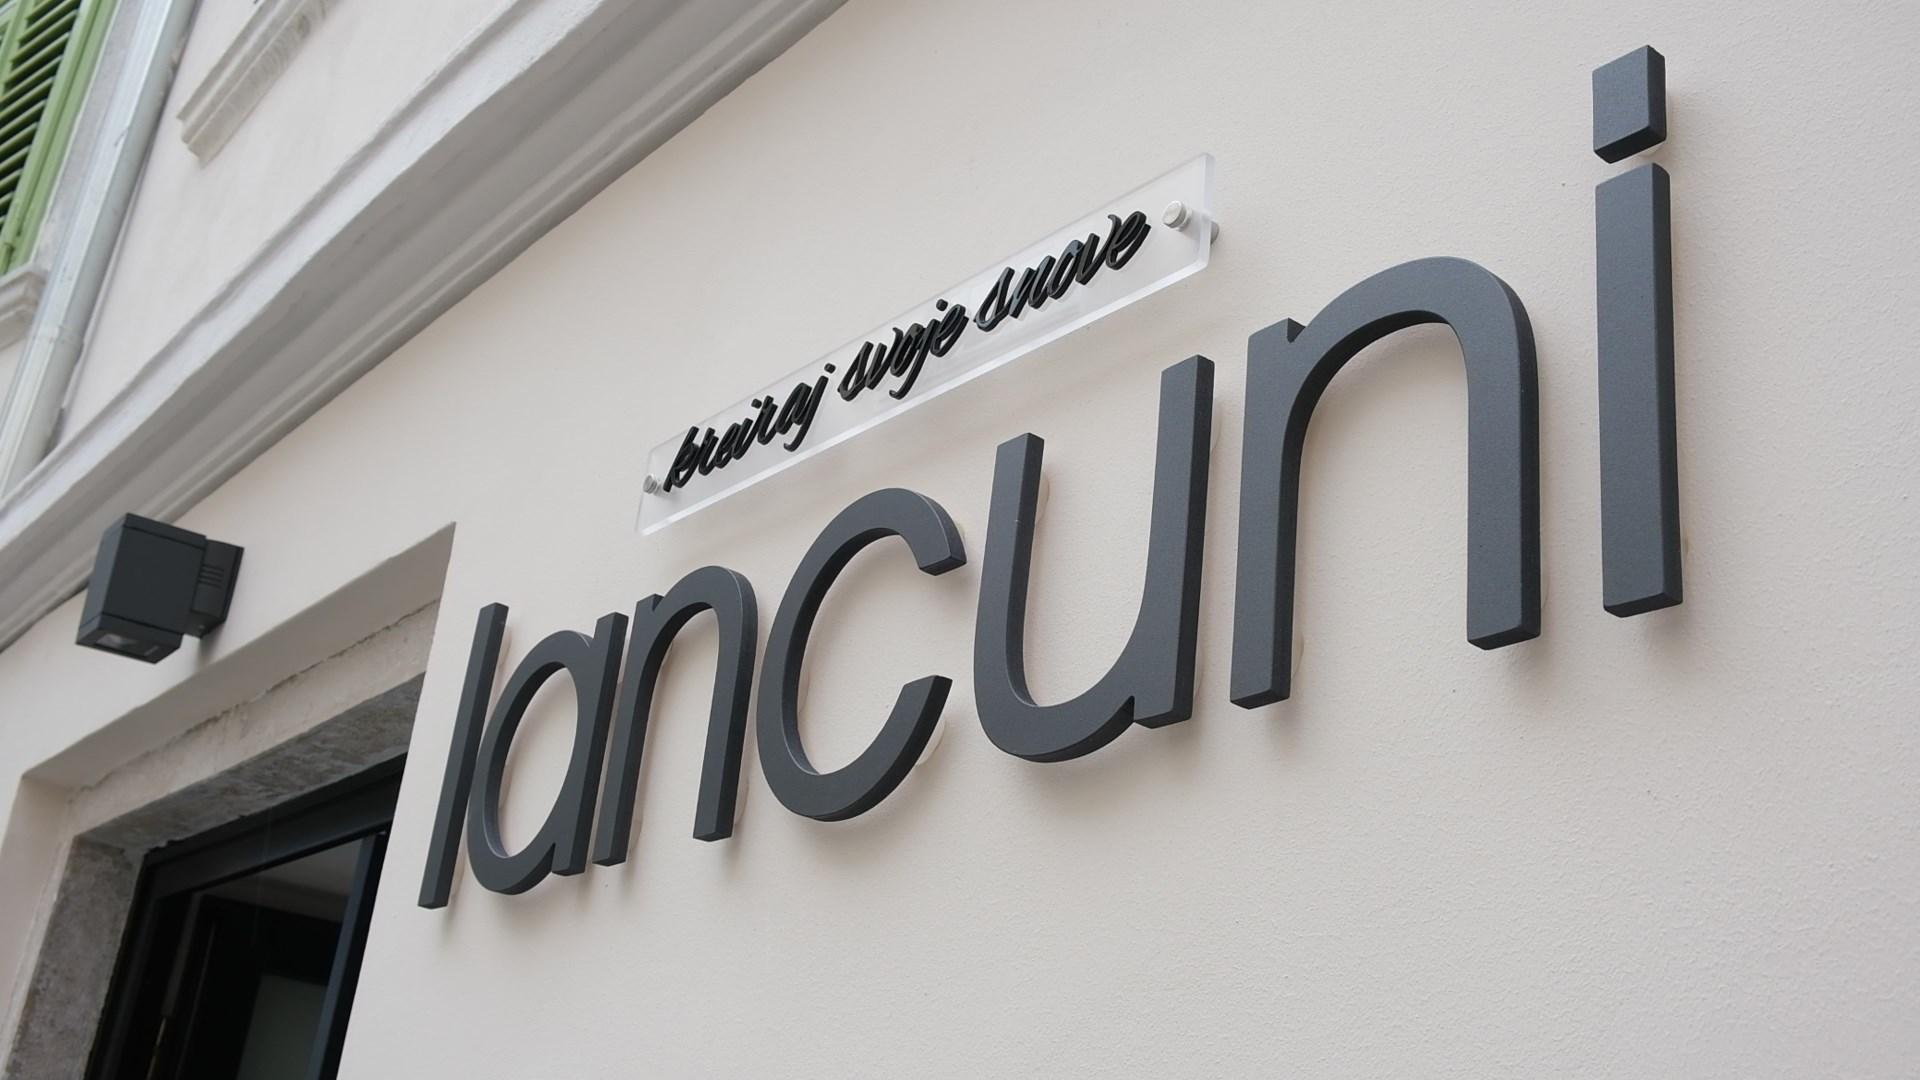 Extravagant shopping: Lancuni